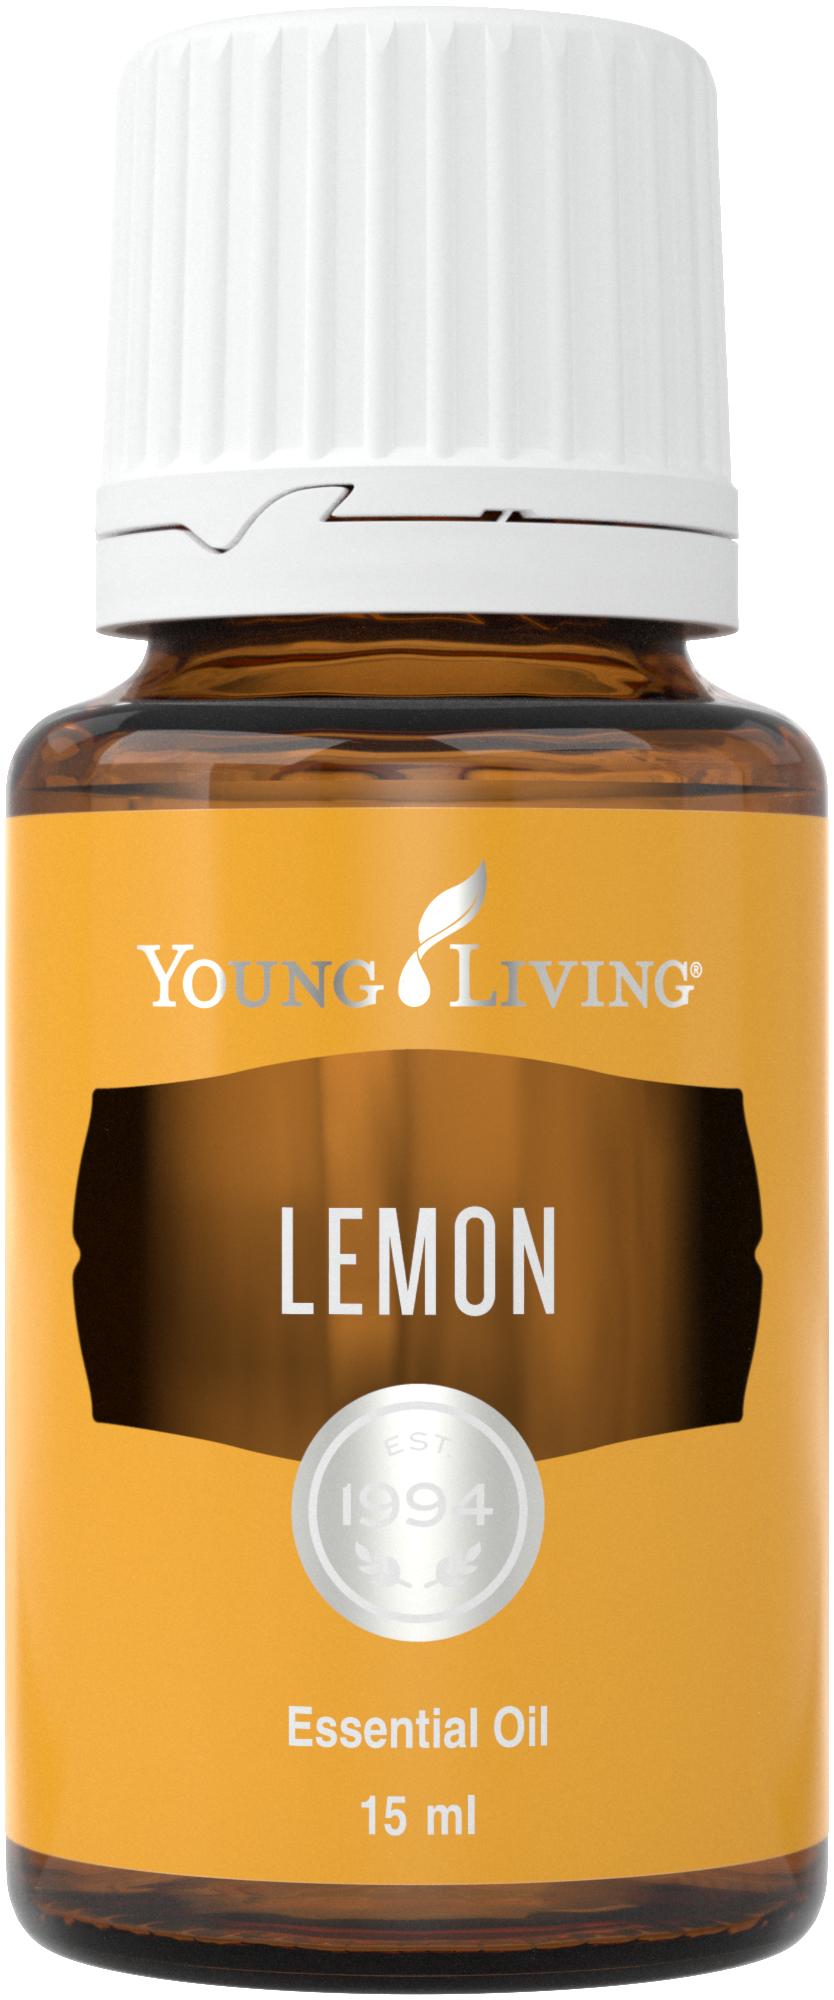 Lemon heeft een frisse, vrolijke geur. Niet alleen je huid en haar hebben baat bij deze olie, maar ook je omgeving.